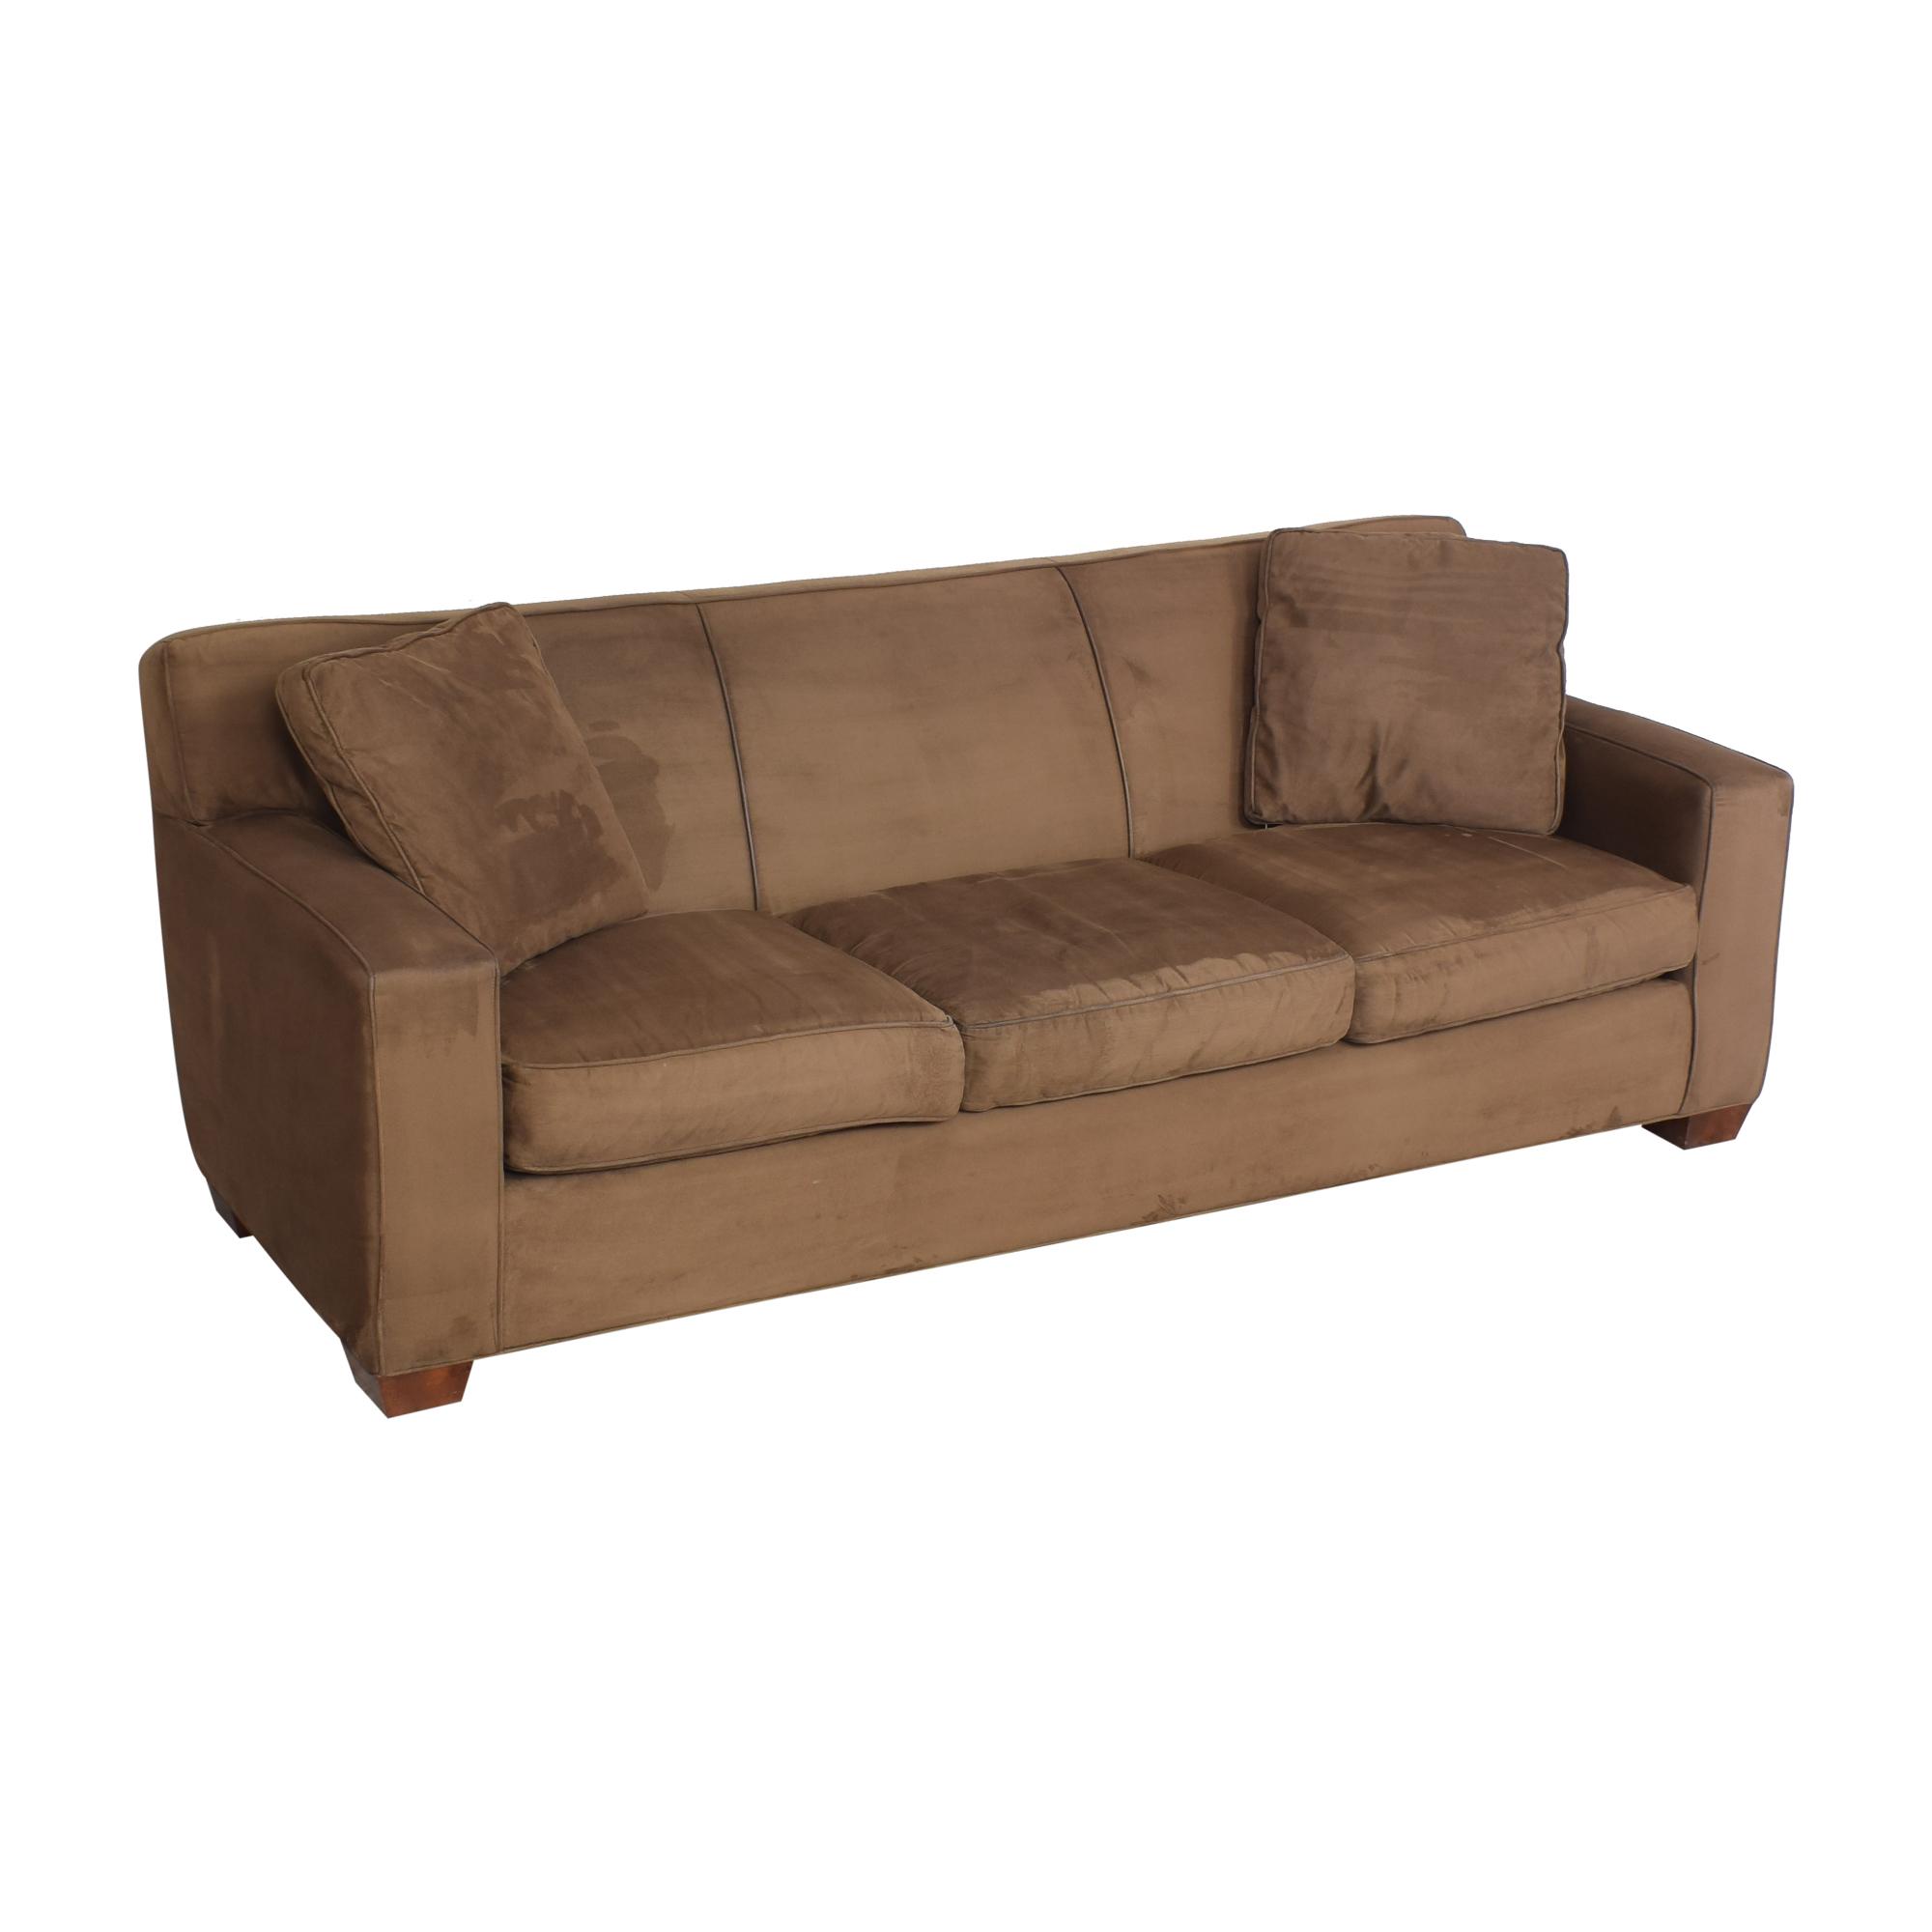 buy Crate & Barrel Crate & Barrel Three Cushion Sofa online